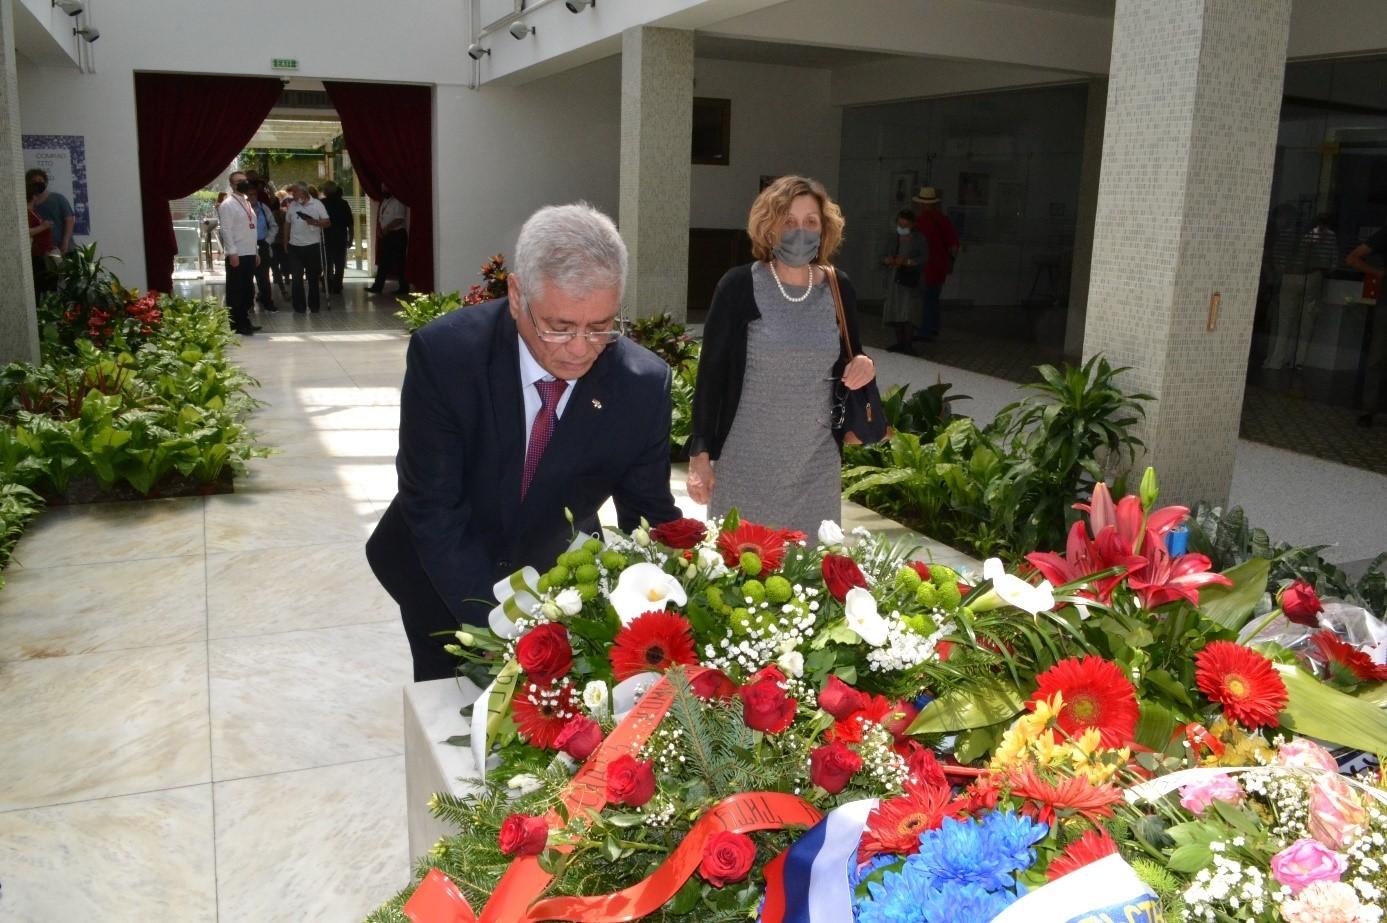 L'ambassadeur d'Algérie se recueille à la mémoire de Tito